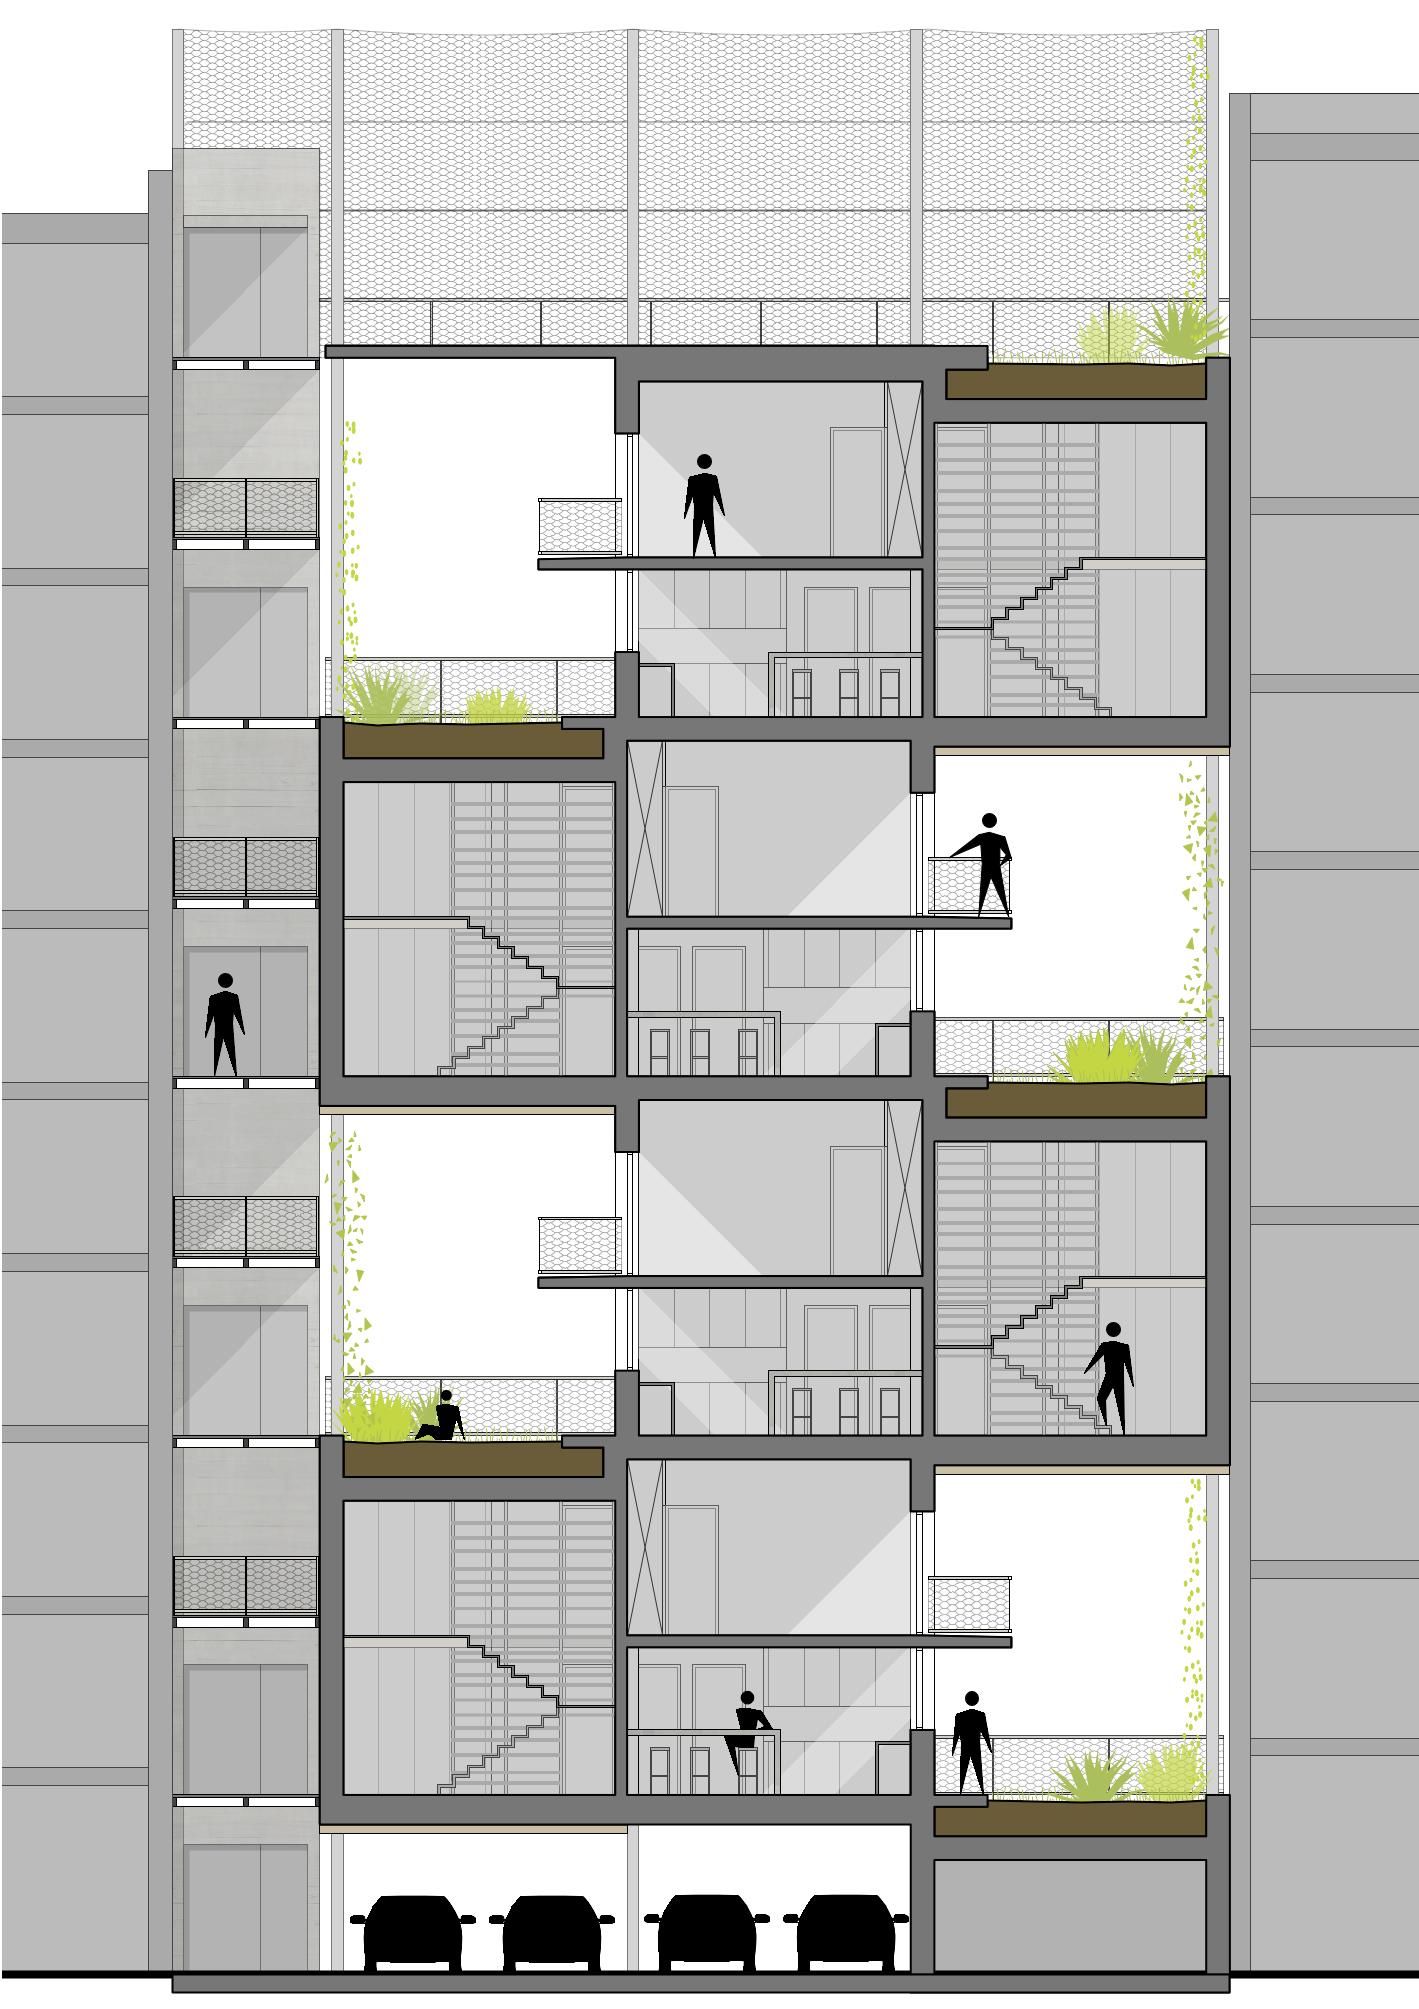 christophe-benichou-architectures-impasse-ciel-lotissement-vertical-09